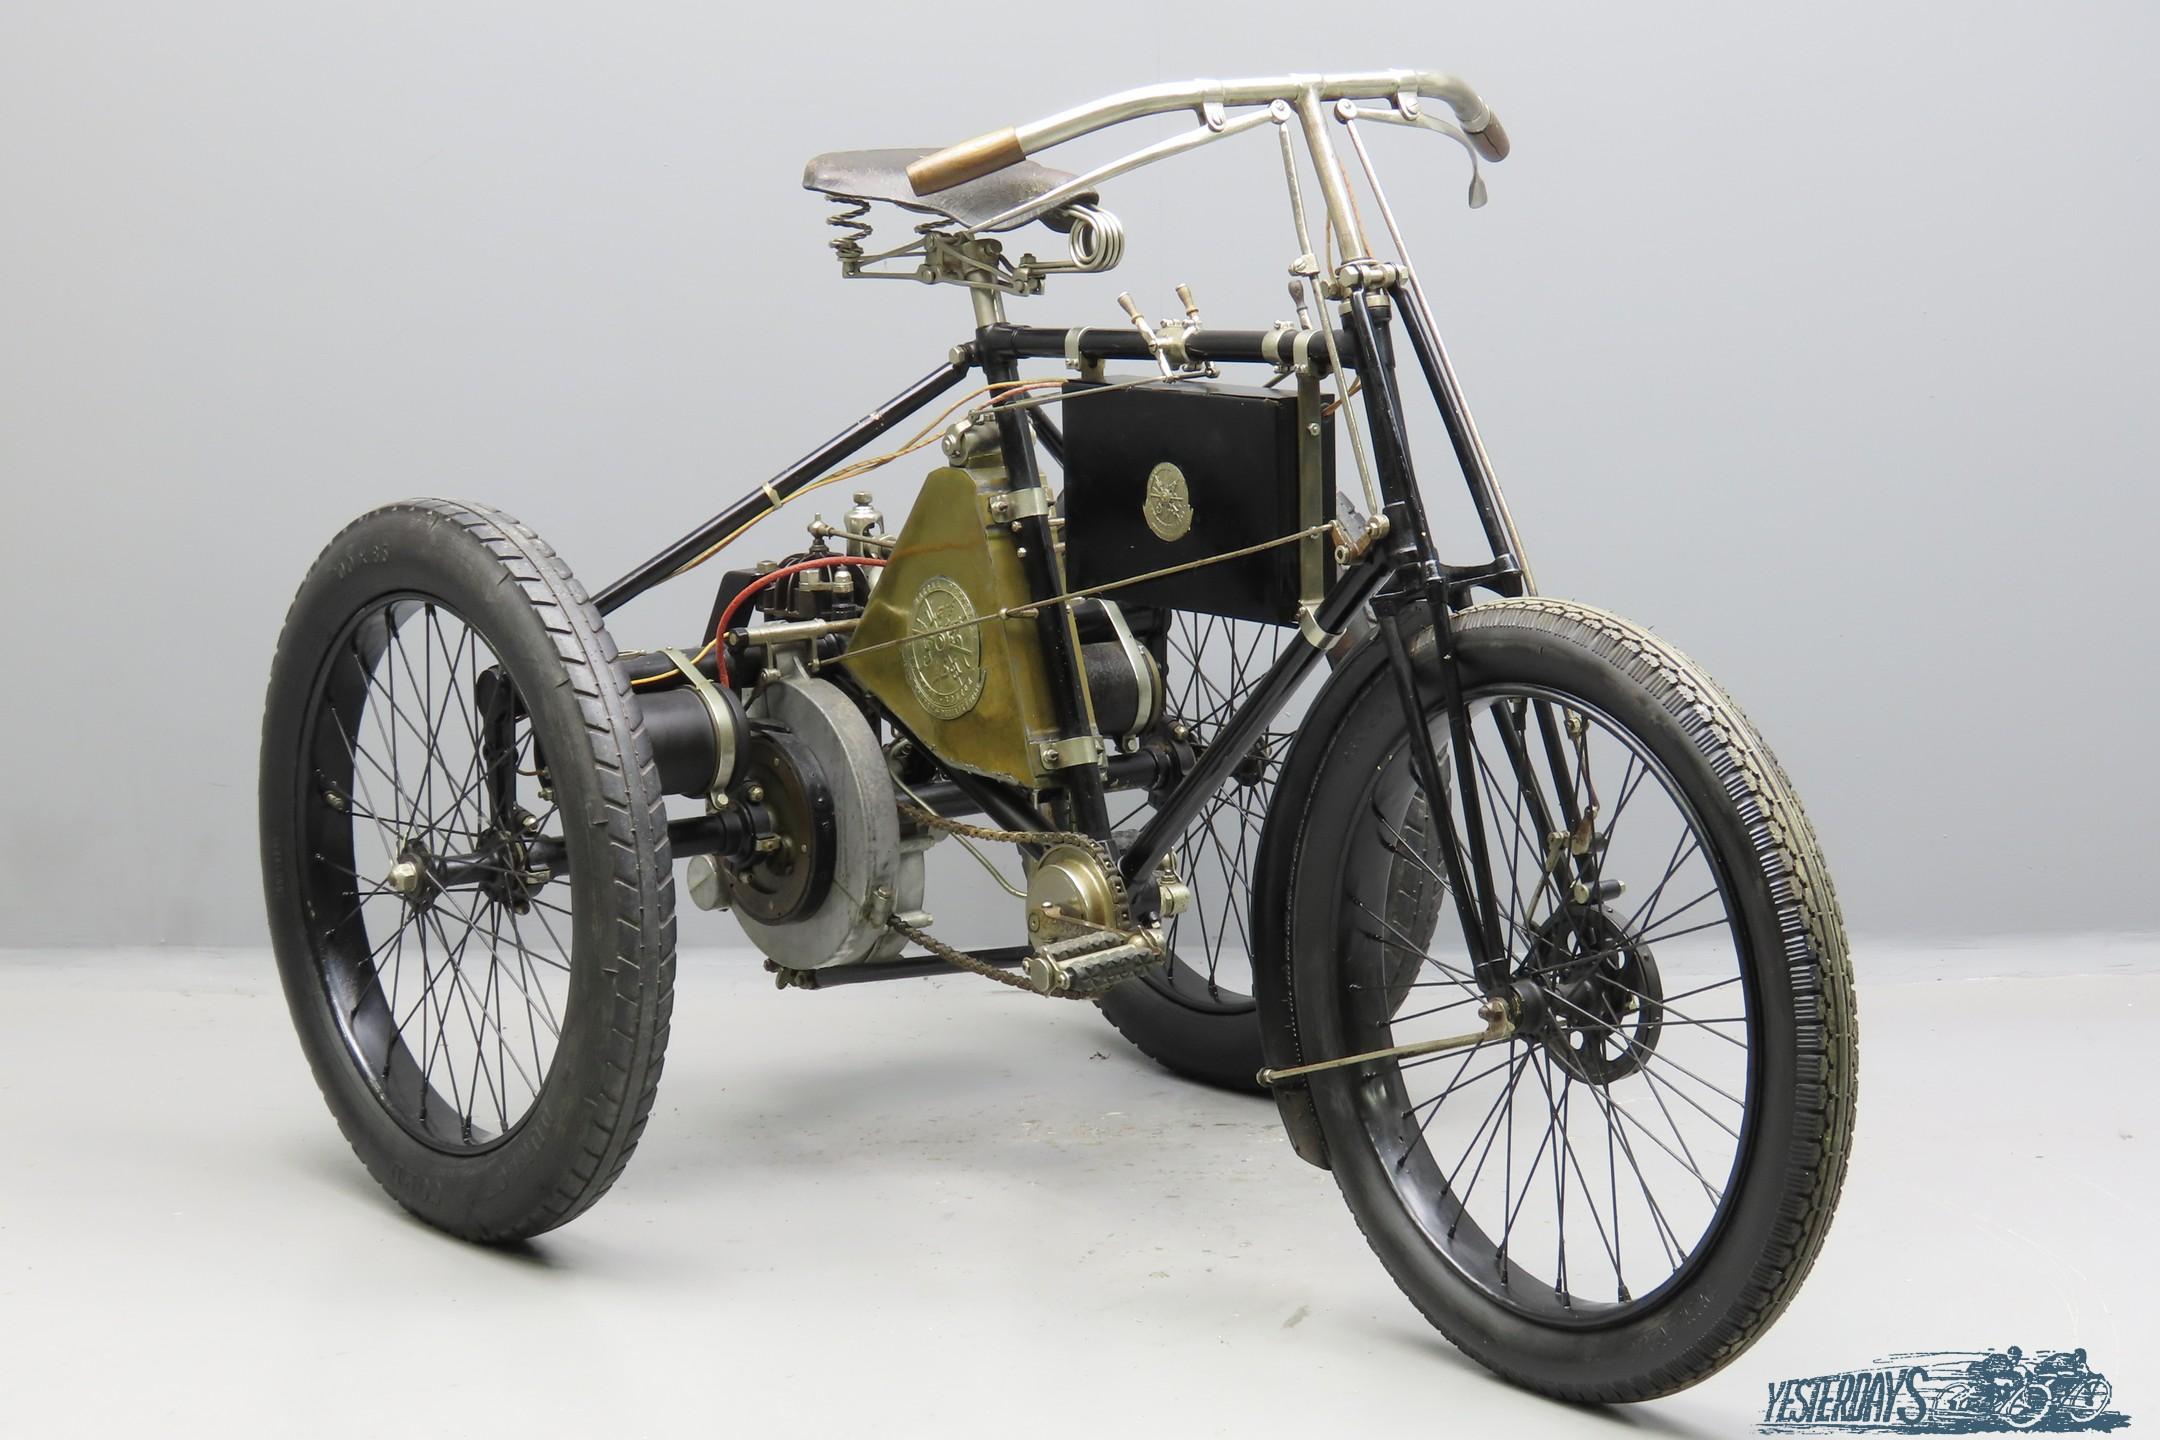 Dion-Bouton-1899-2--hp-269-CC-1-cyl-